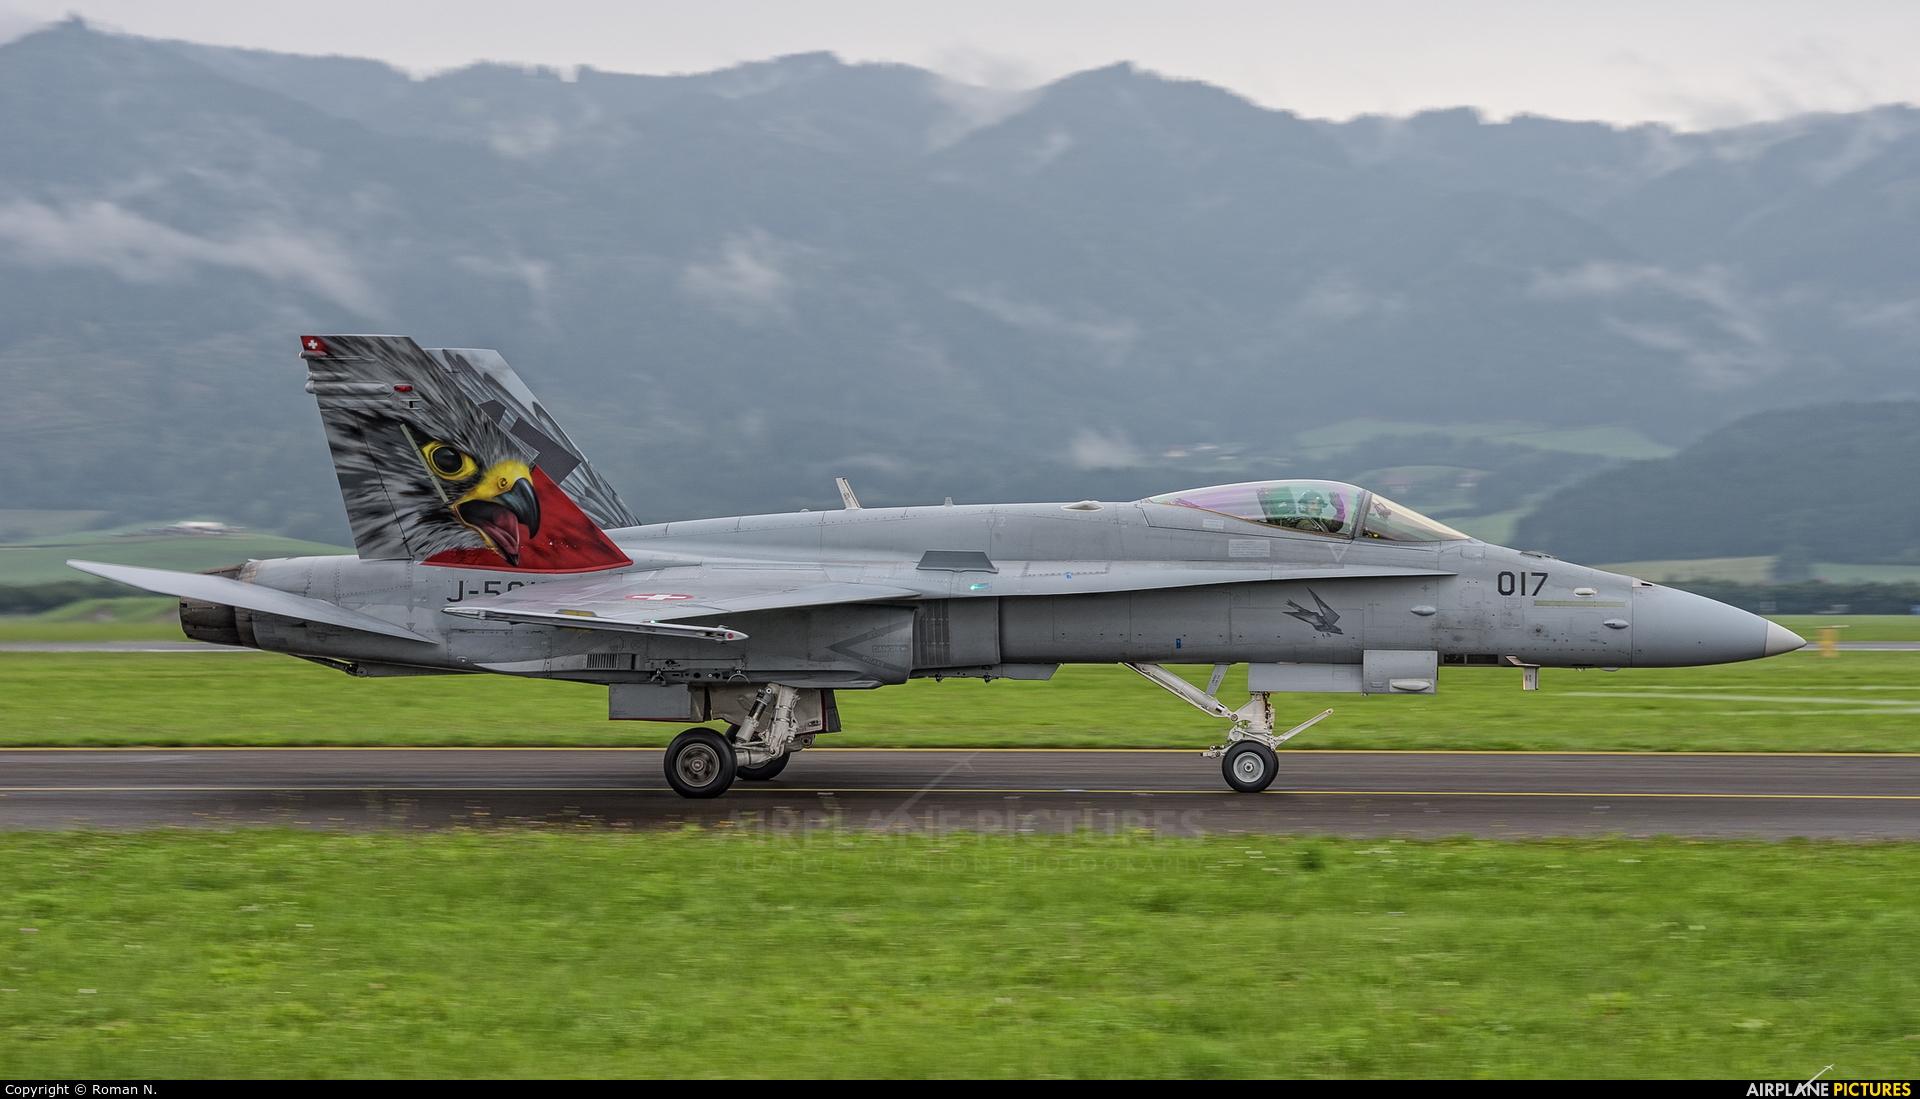 Switzerland - Air Force J-5017 aircraft at Zeltweg